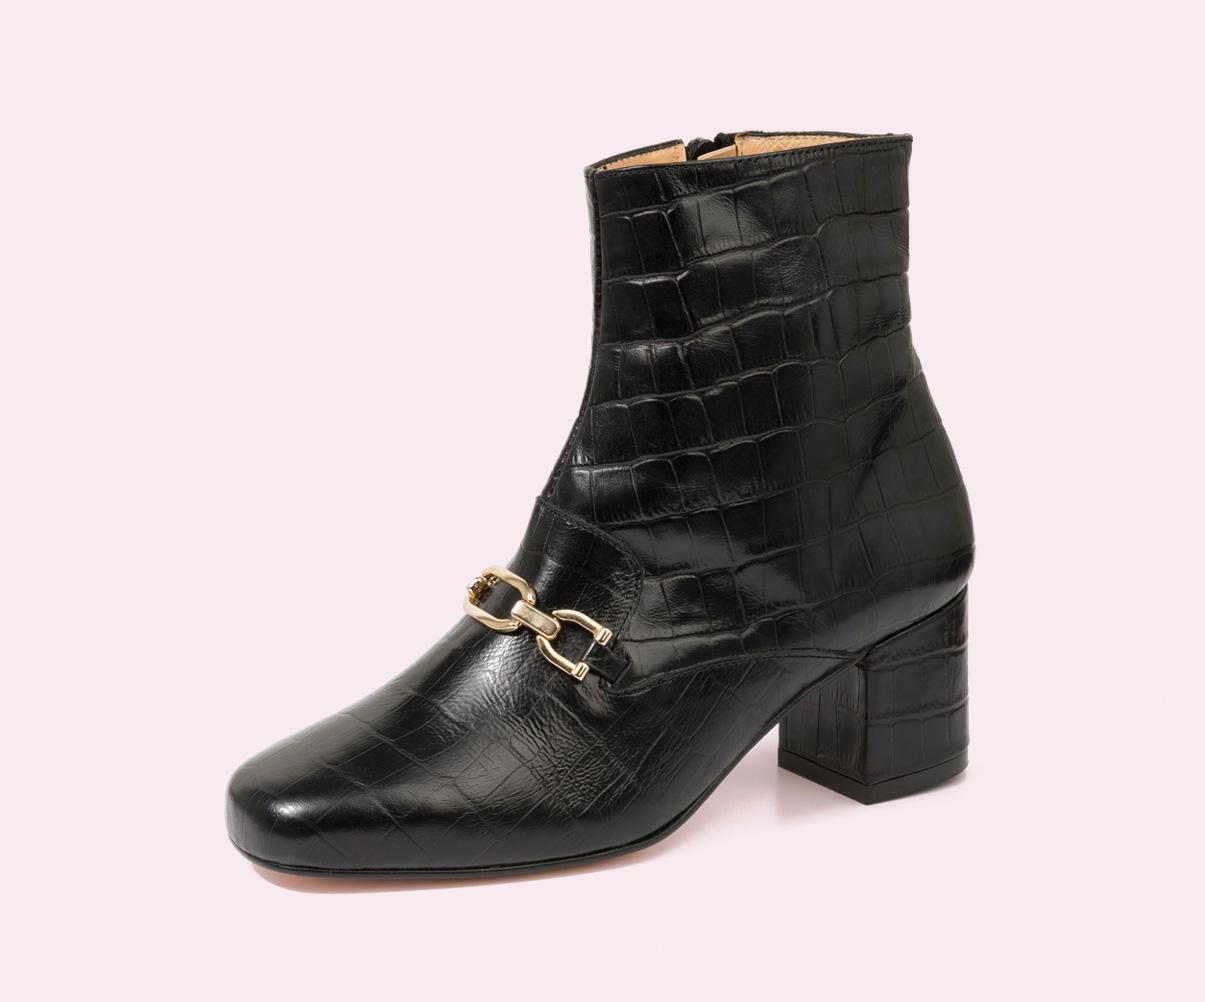 btines fabricados en España por la fábrica de calzado Sandra Stylo